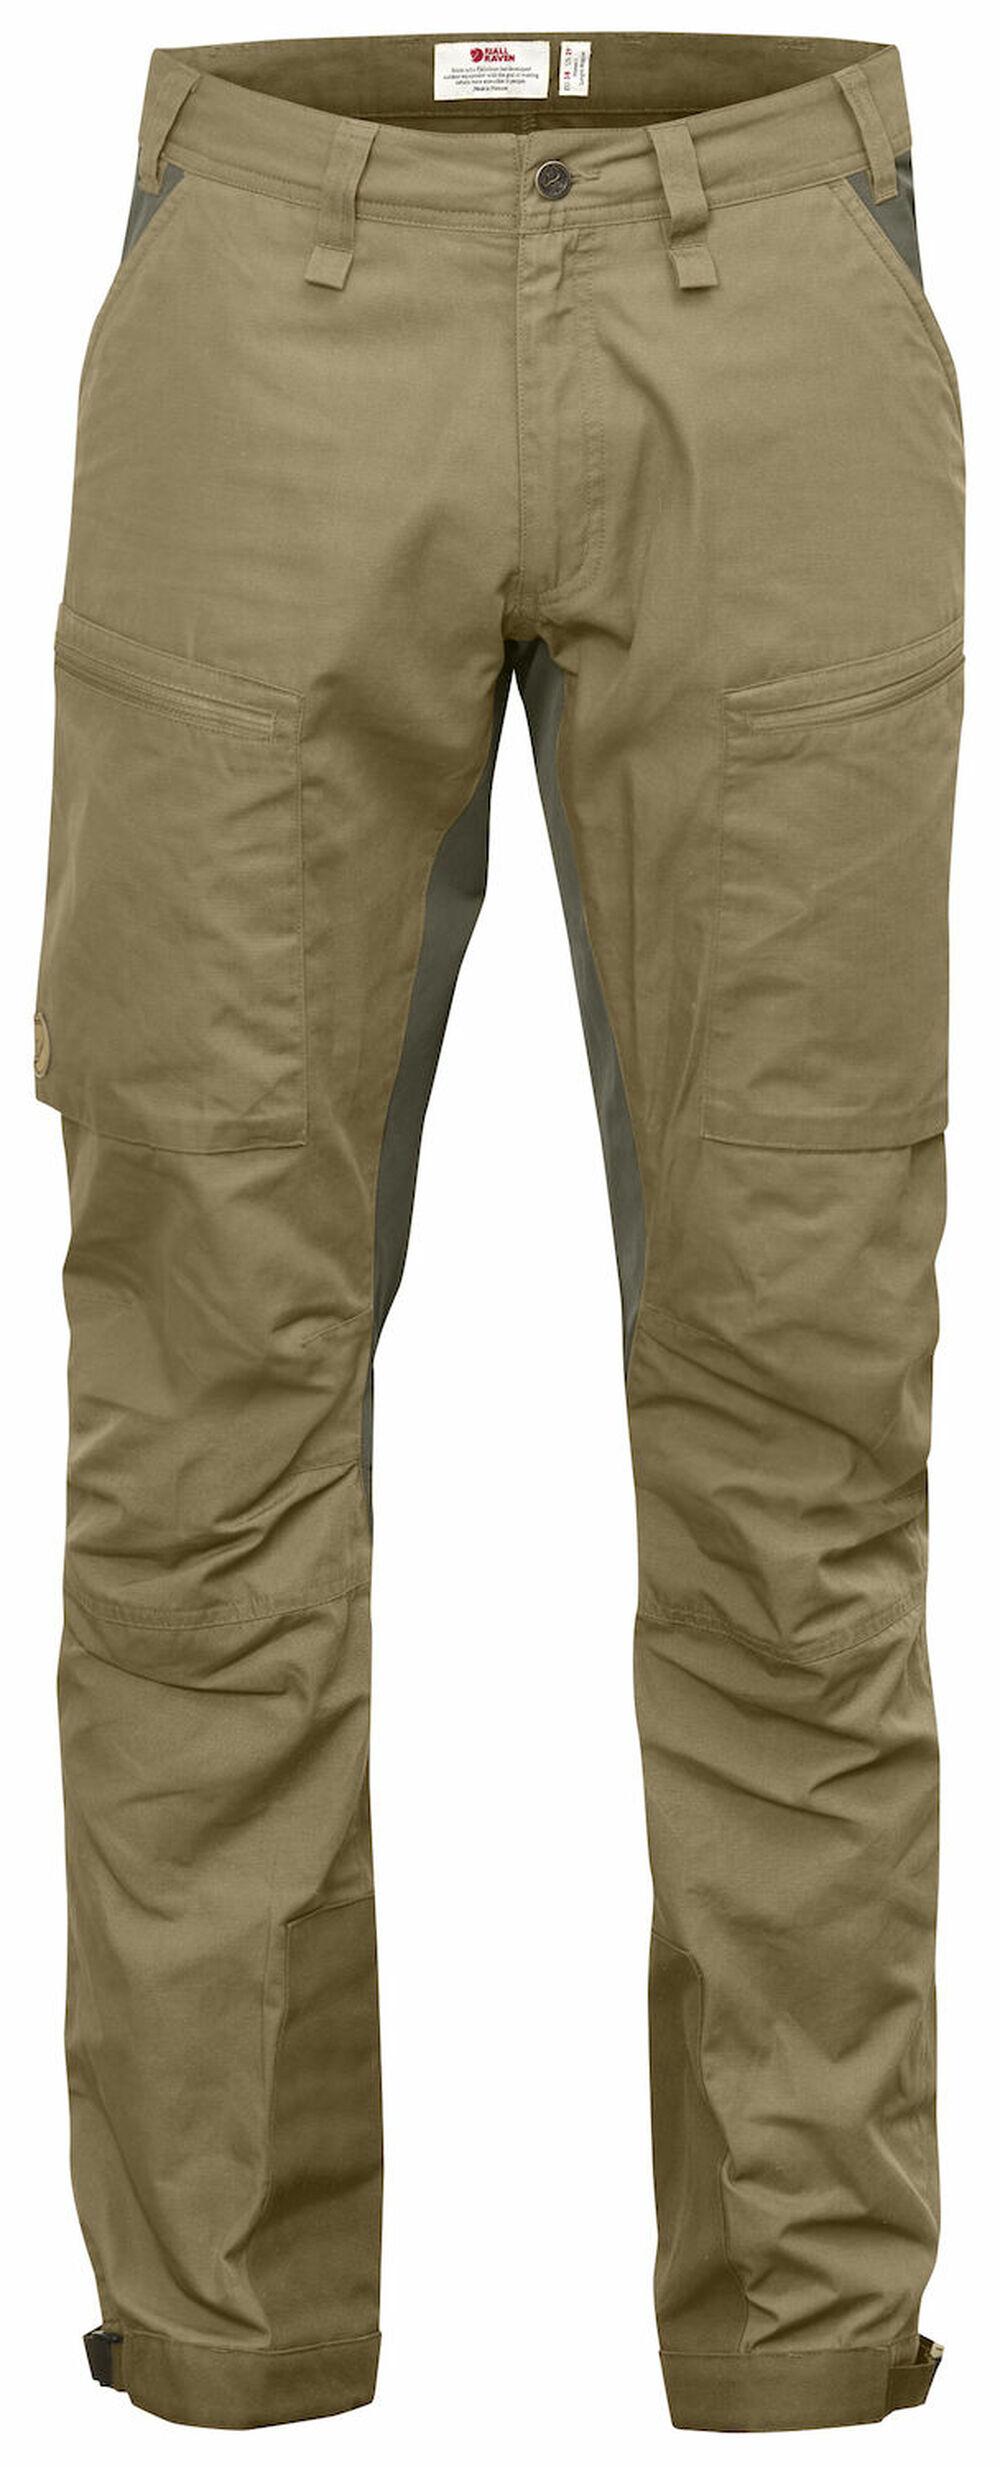 Fjällräven Abisko Lite Trekking Trousers